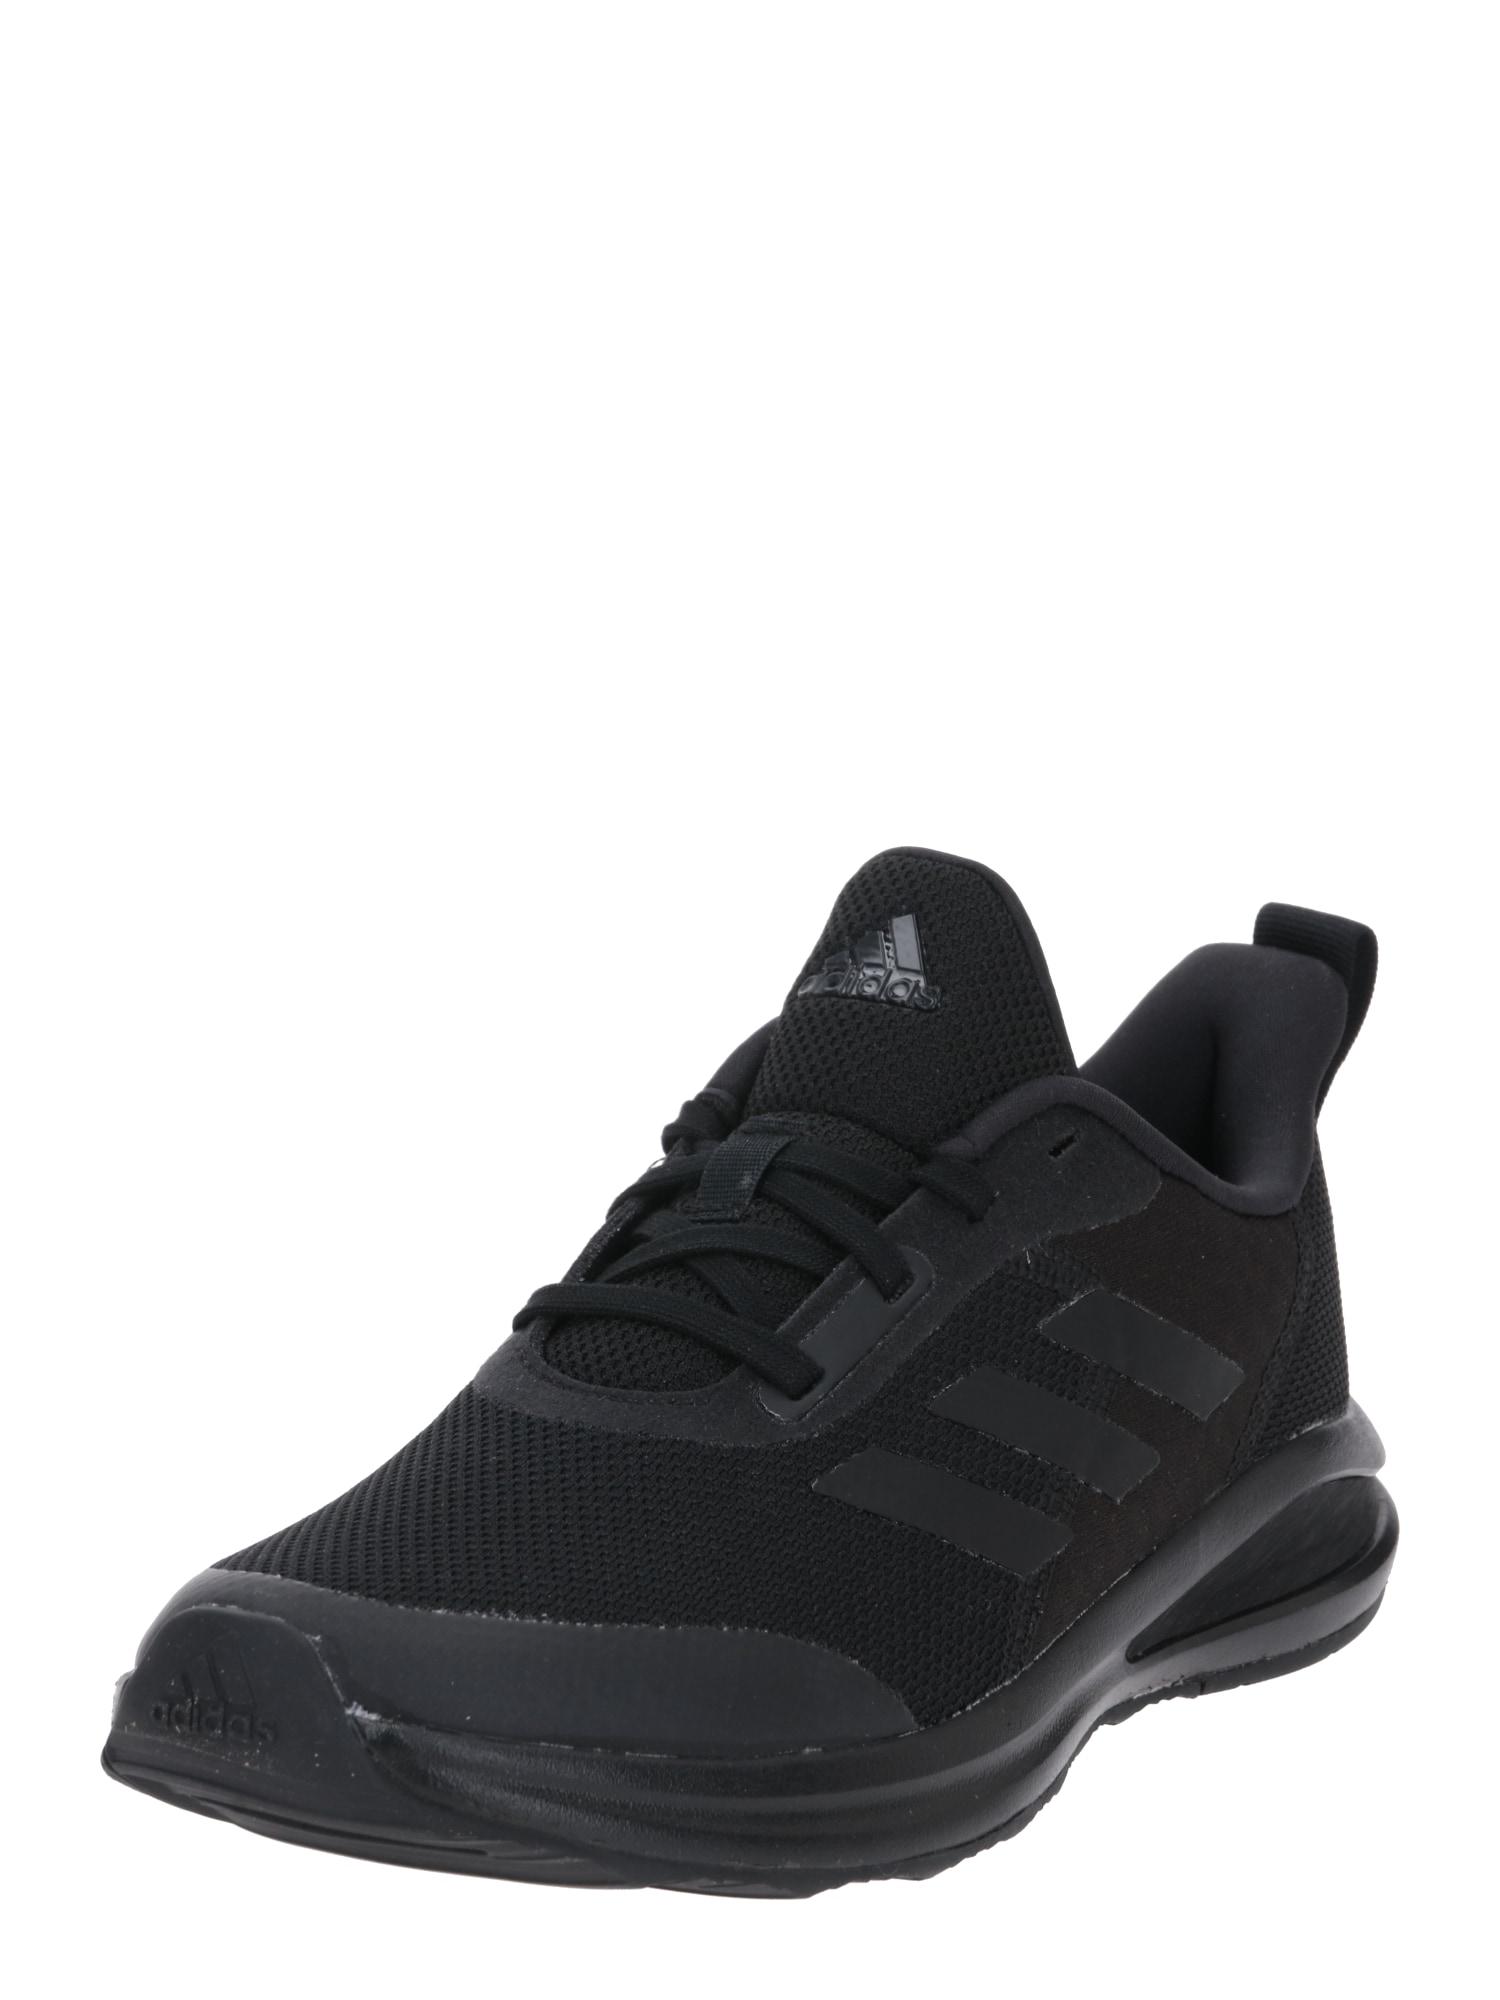 ADIDAS PERFORMANCE Sportiniai batai 'FortaRun K' juoda